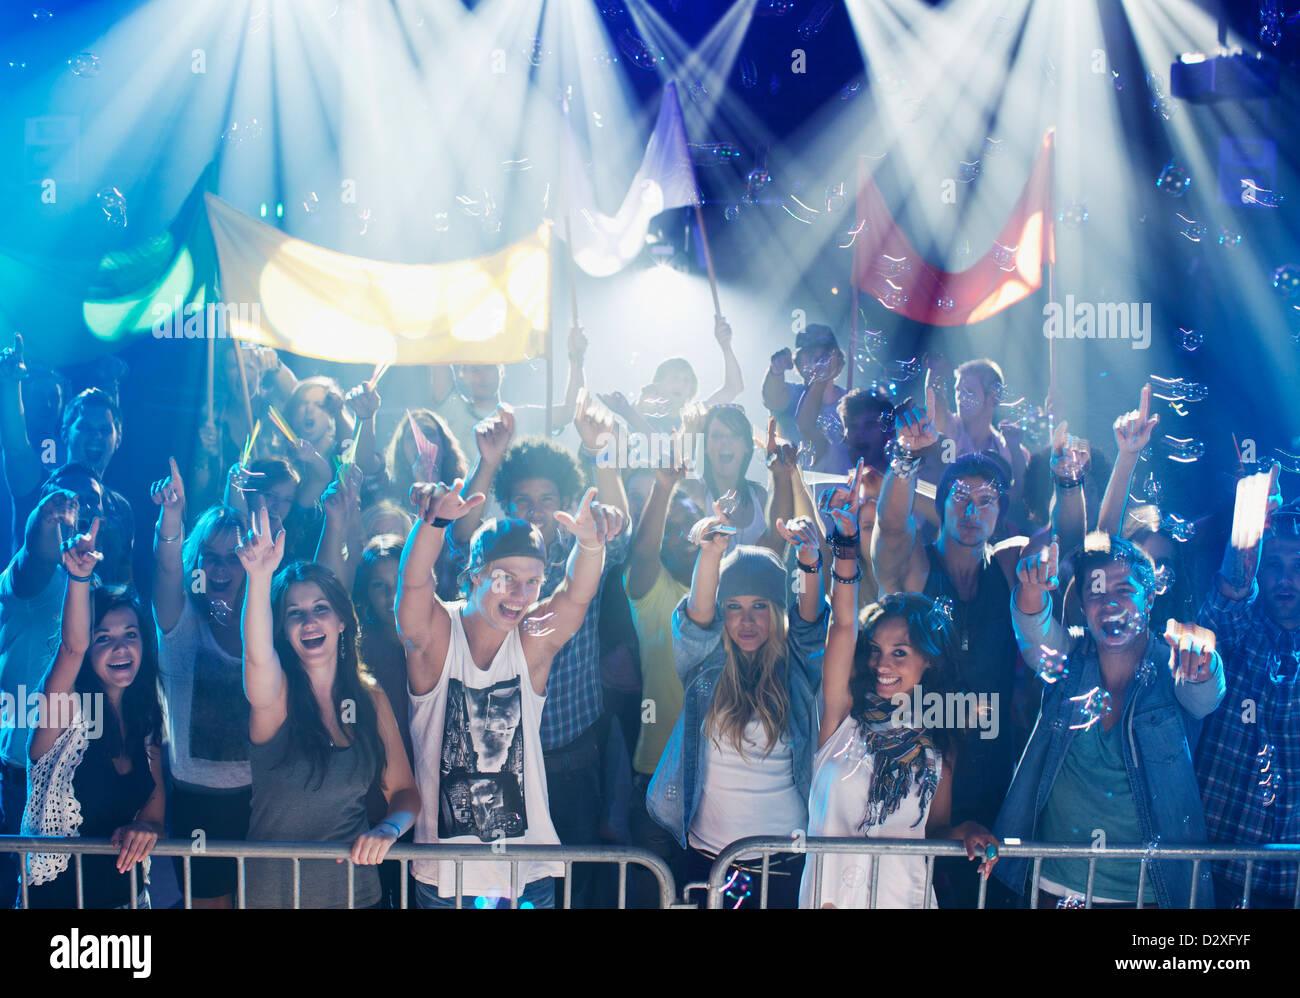 Porträt von begeisterten Publikum beim Konzert Stockbild